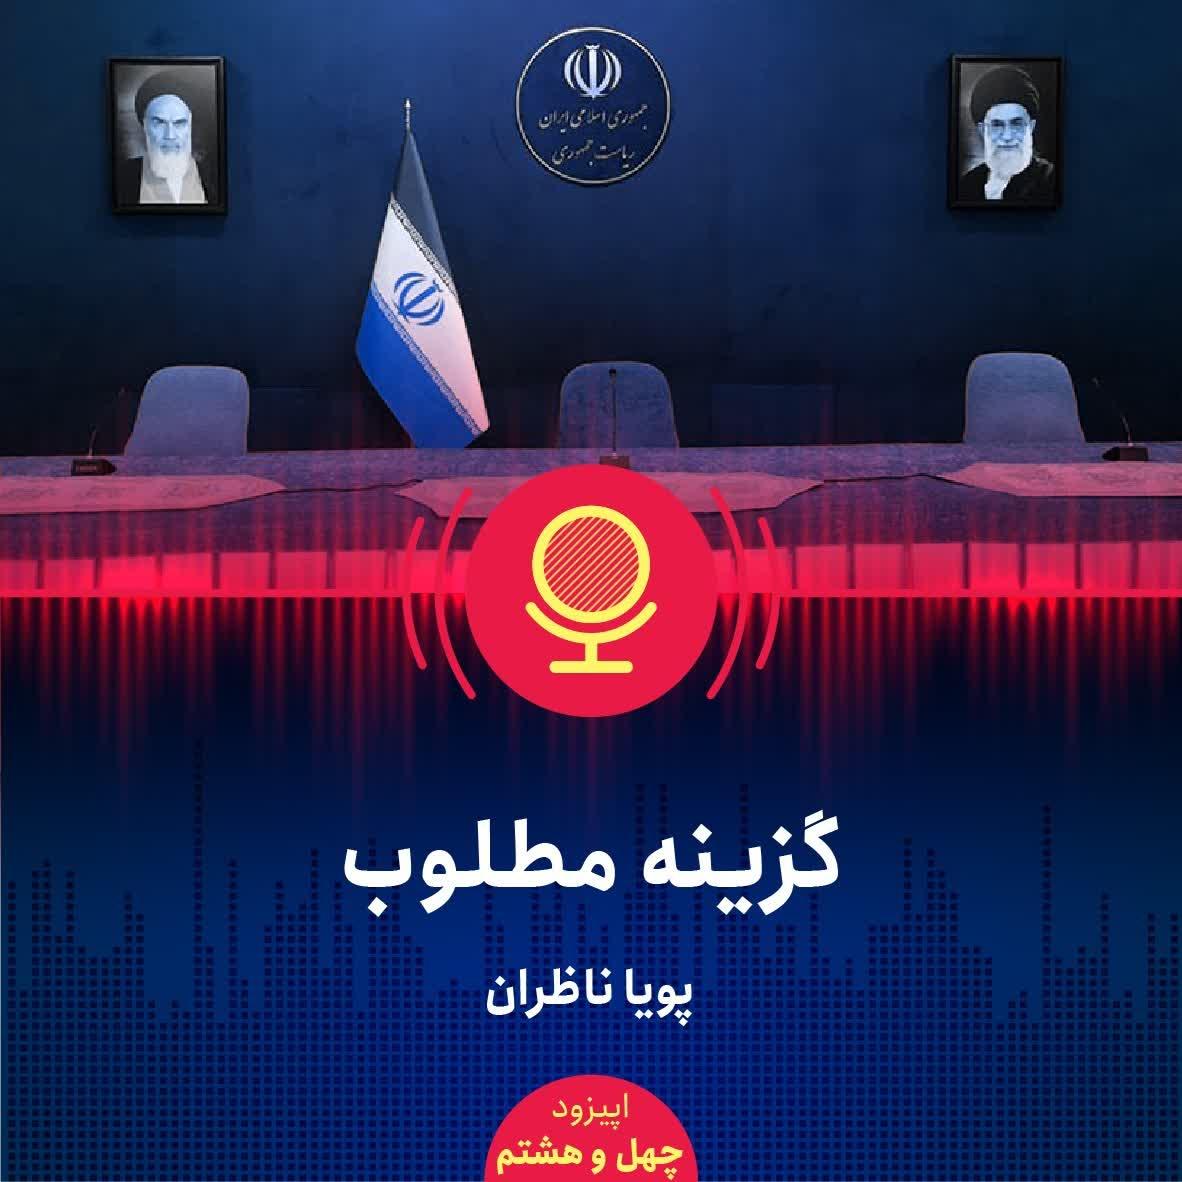 چه کسانی میتوانند رئیسجمهور بهتری برای ایران باشند؟ نظامیان، دیپلماتها، اقتصاددانان یا...؟